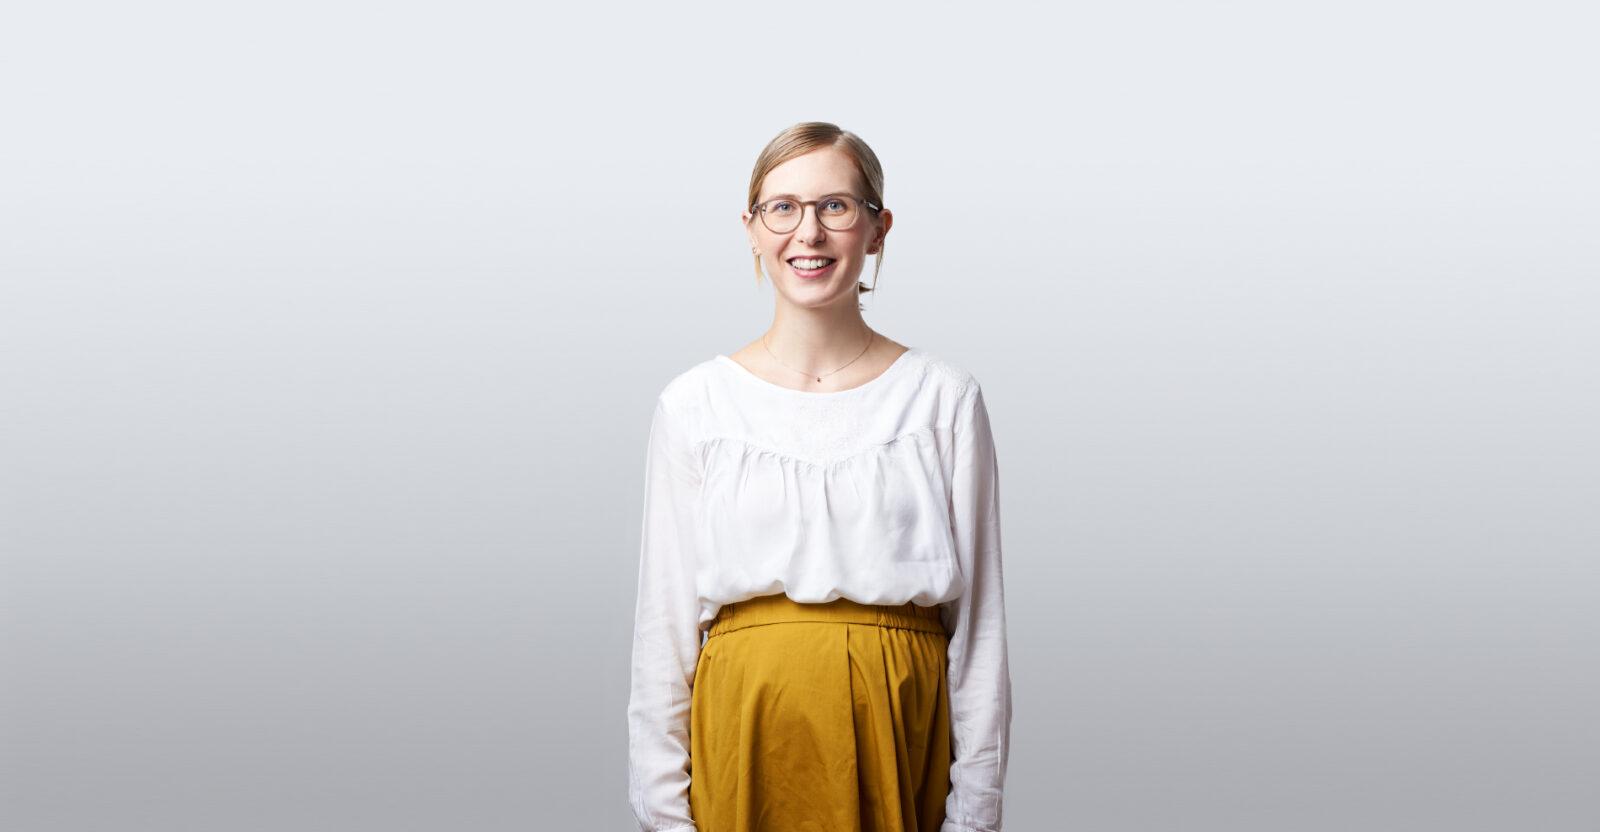 Karoline Lutz